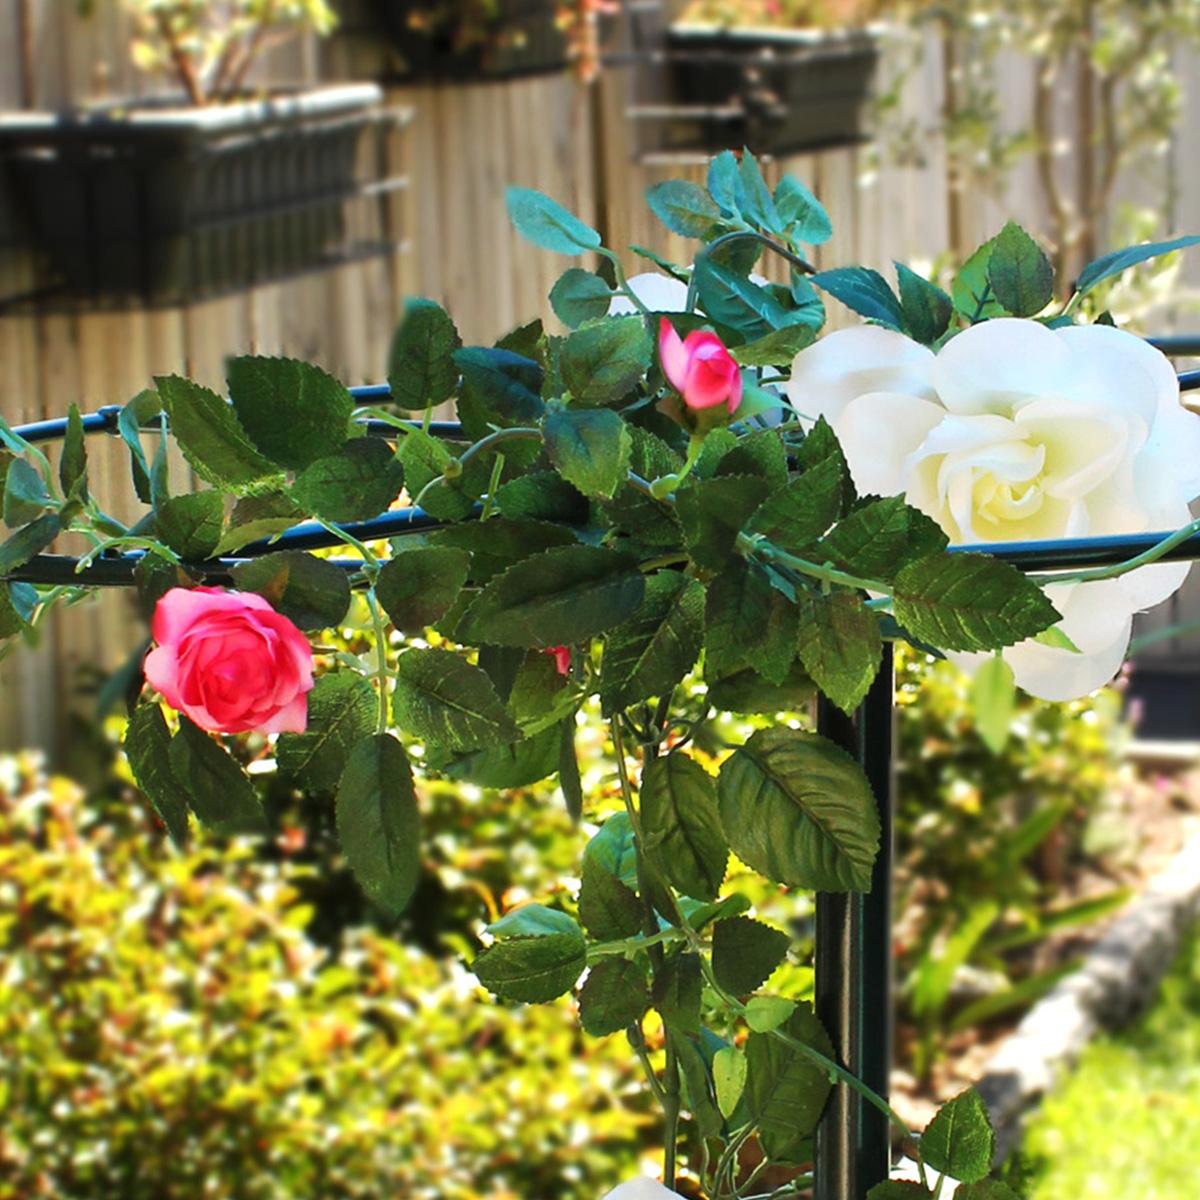 18240 rose ring insitu